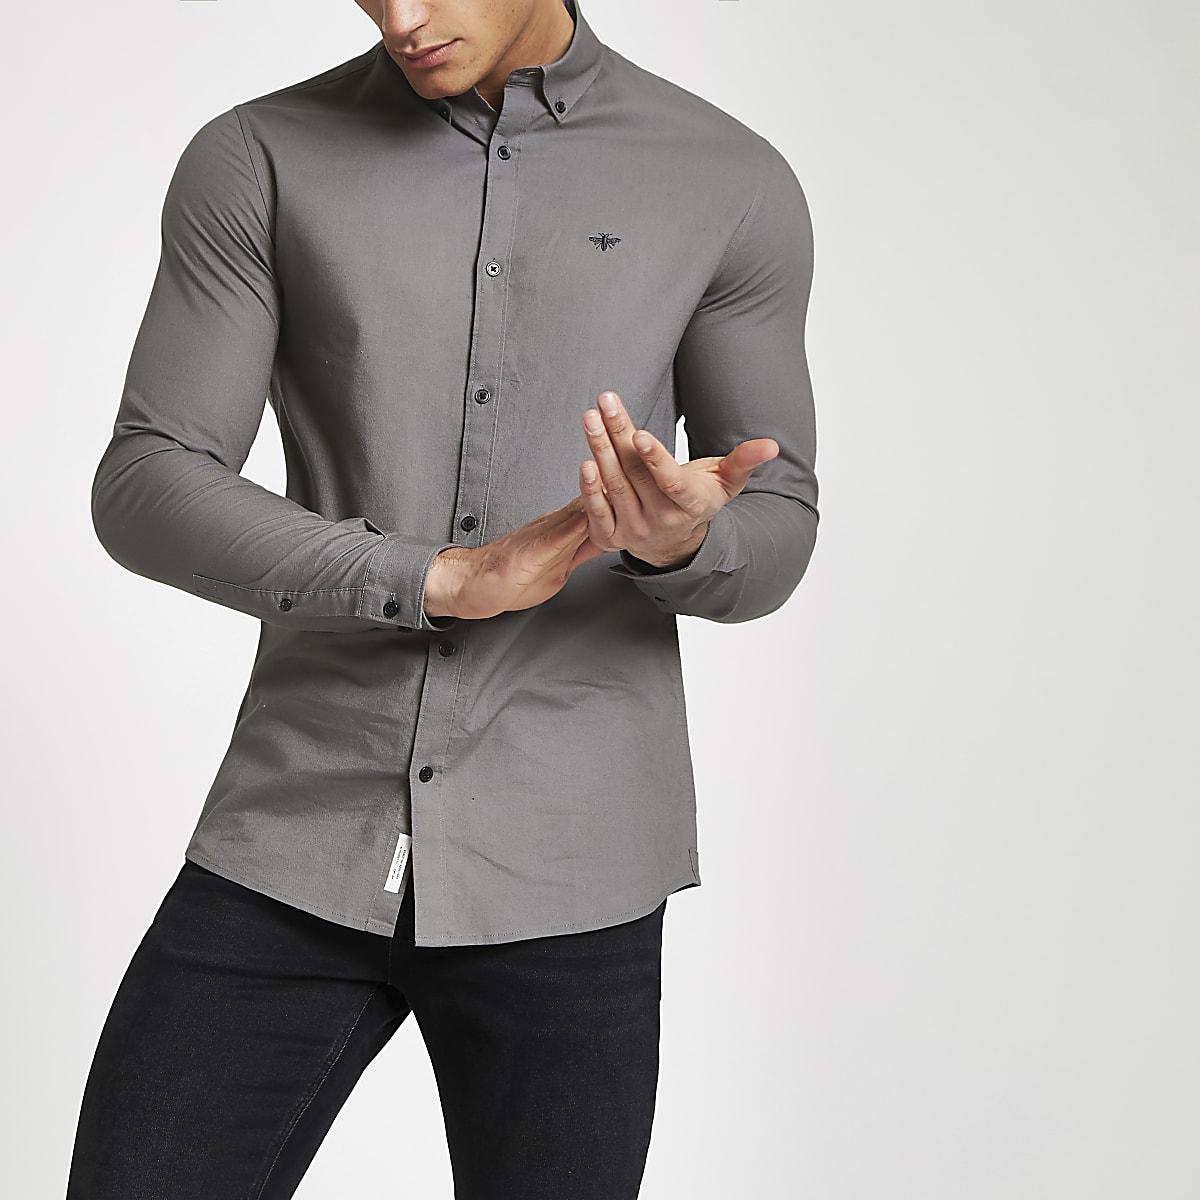 Grijs Overhemd Heren.Grijs Overhemd Met Knoopjes Op De Kraag En Lange Mouwen Overhemden